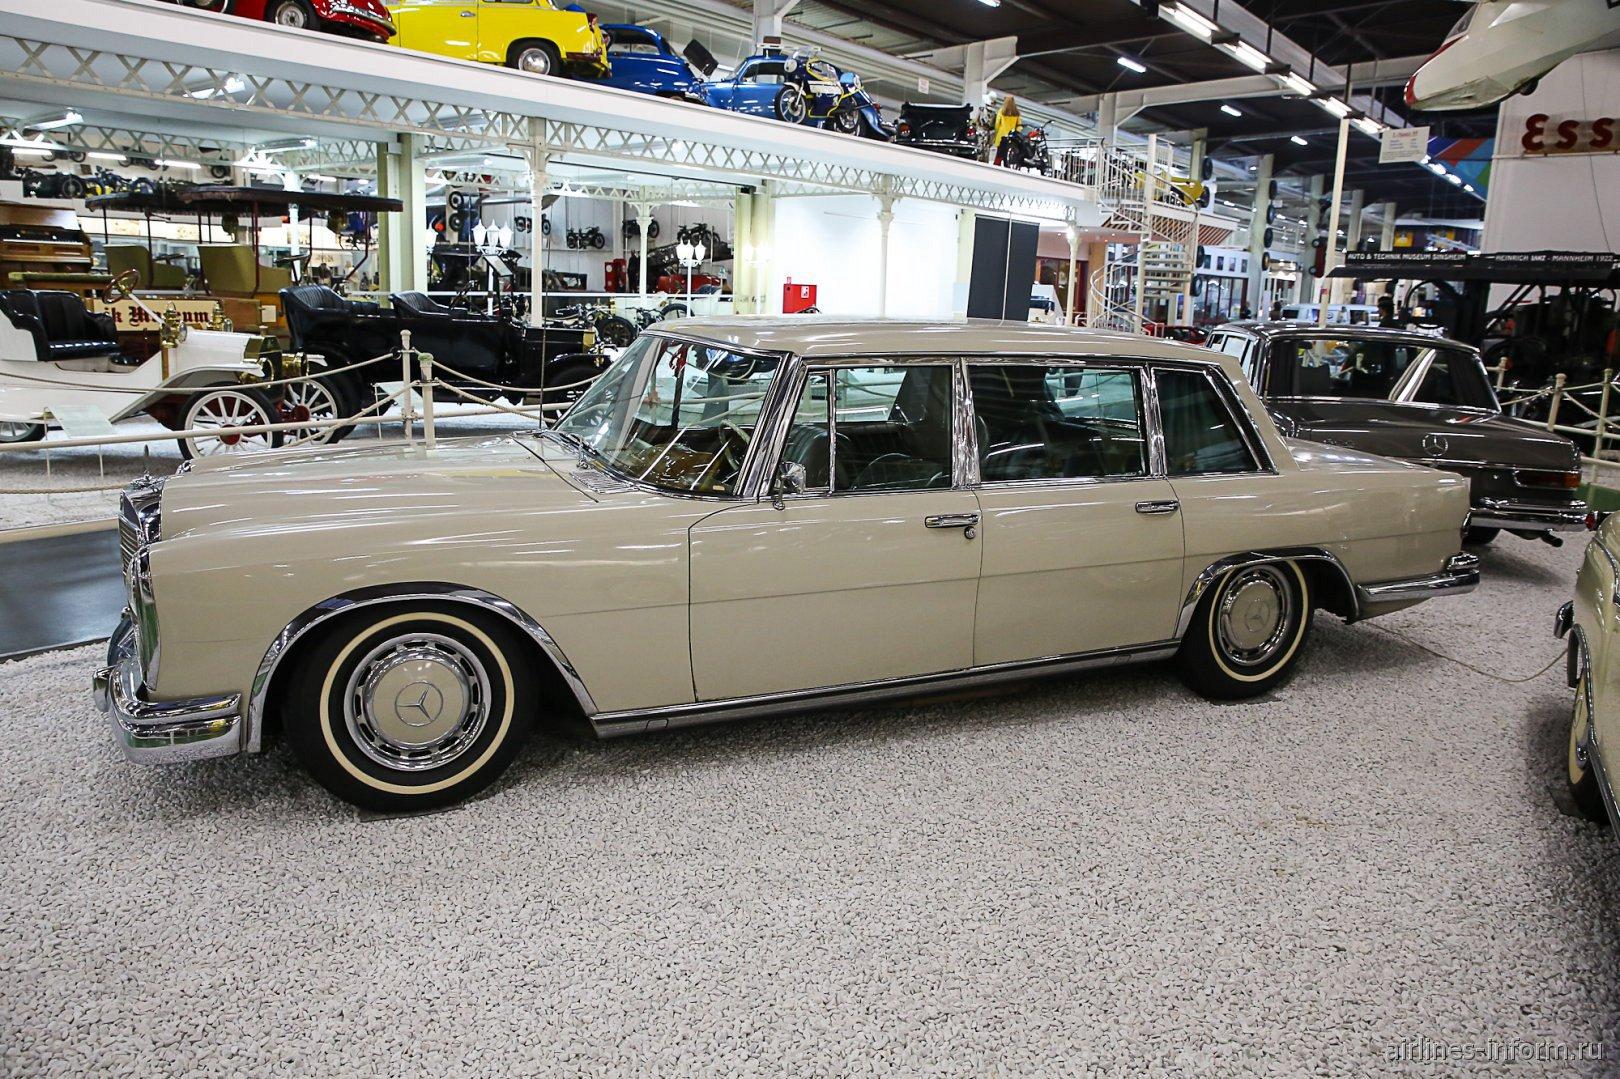 Автомобиль Мерседес-Бенц 600 в музее техники в Зинсхайме